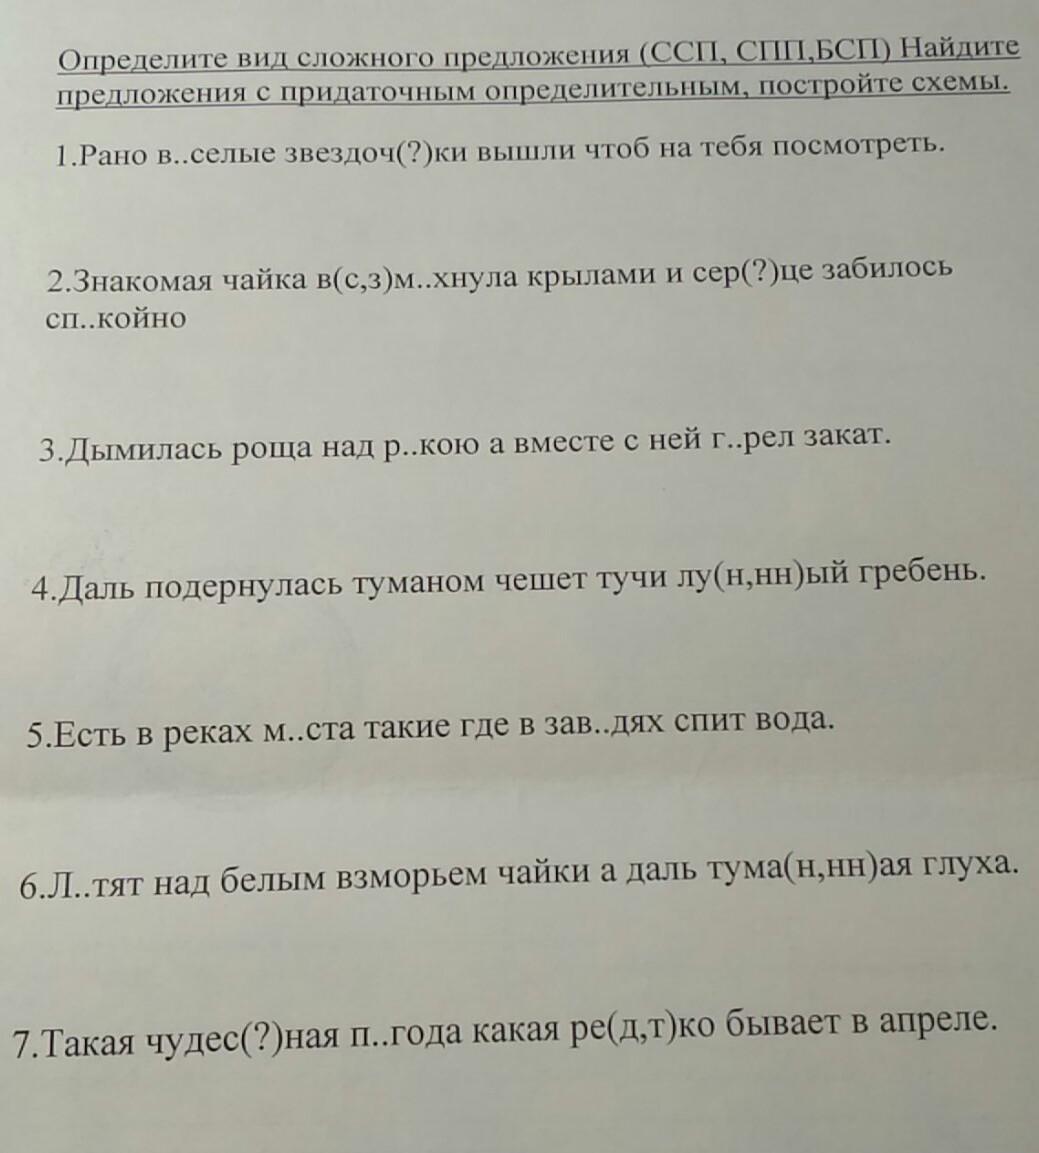 Помогите ещё с русский пожалуйста))